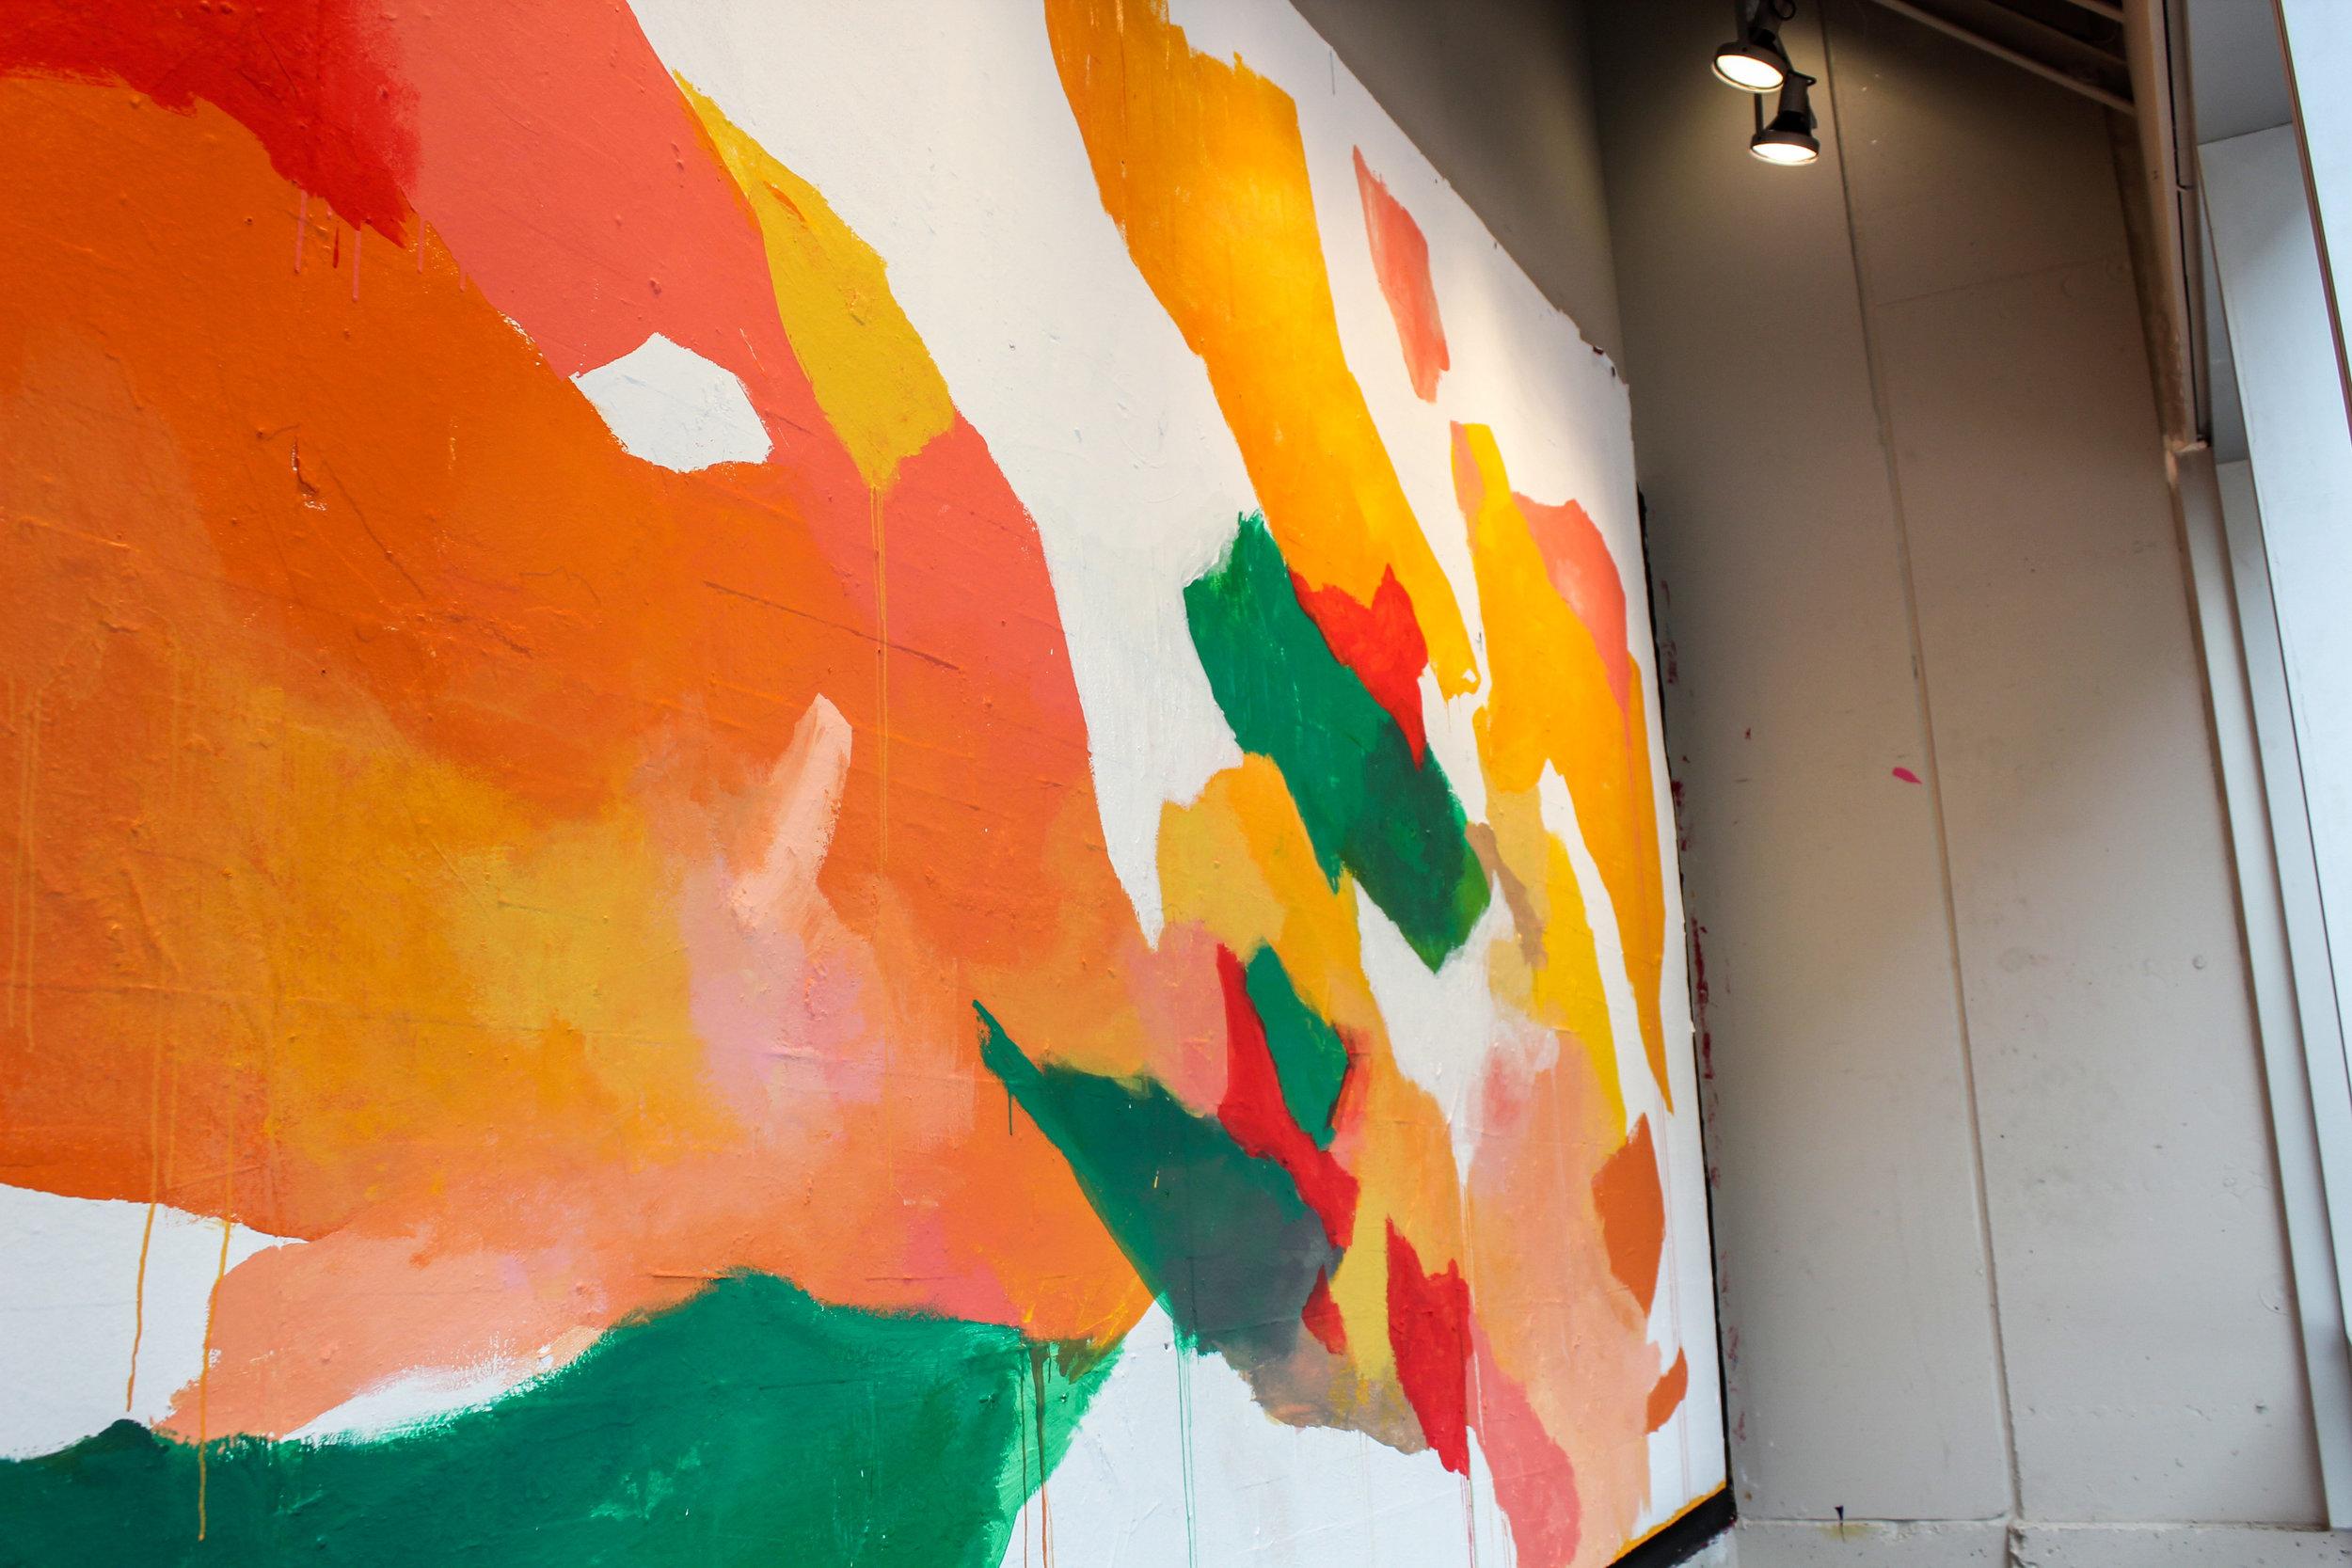 UICA mural -